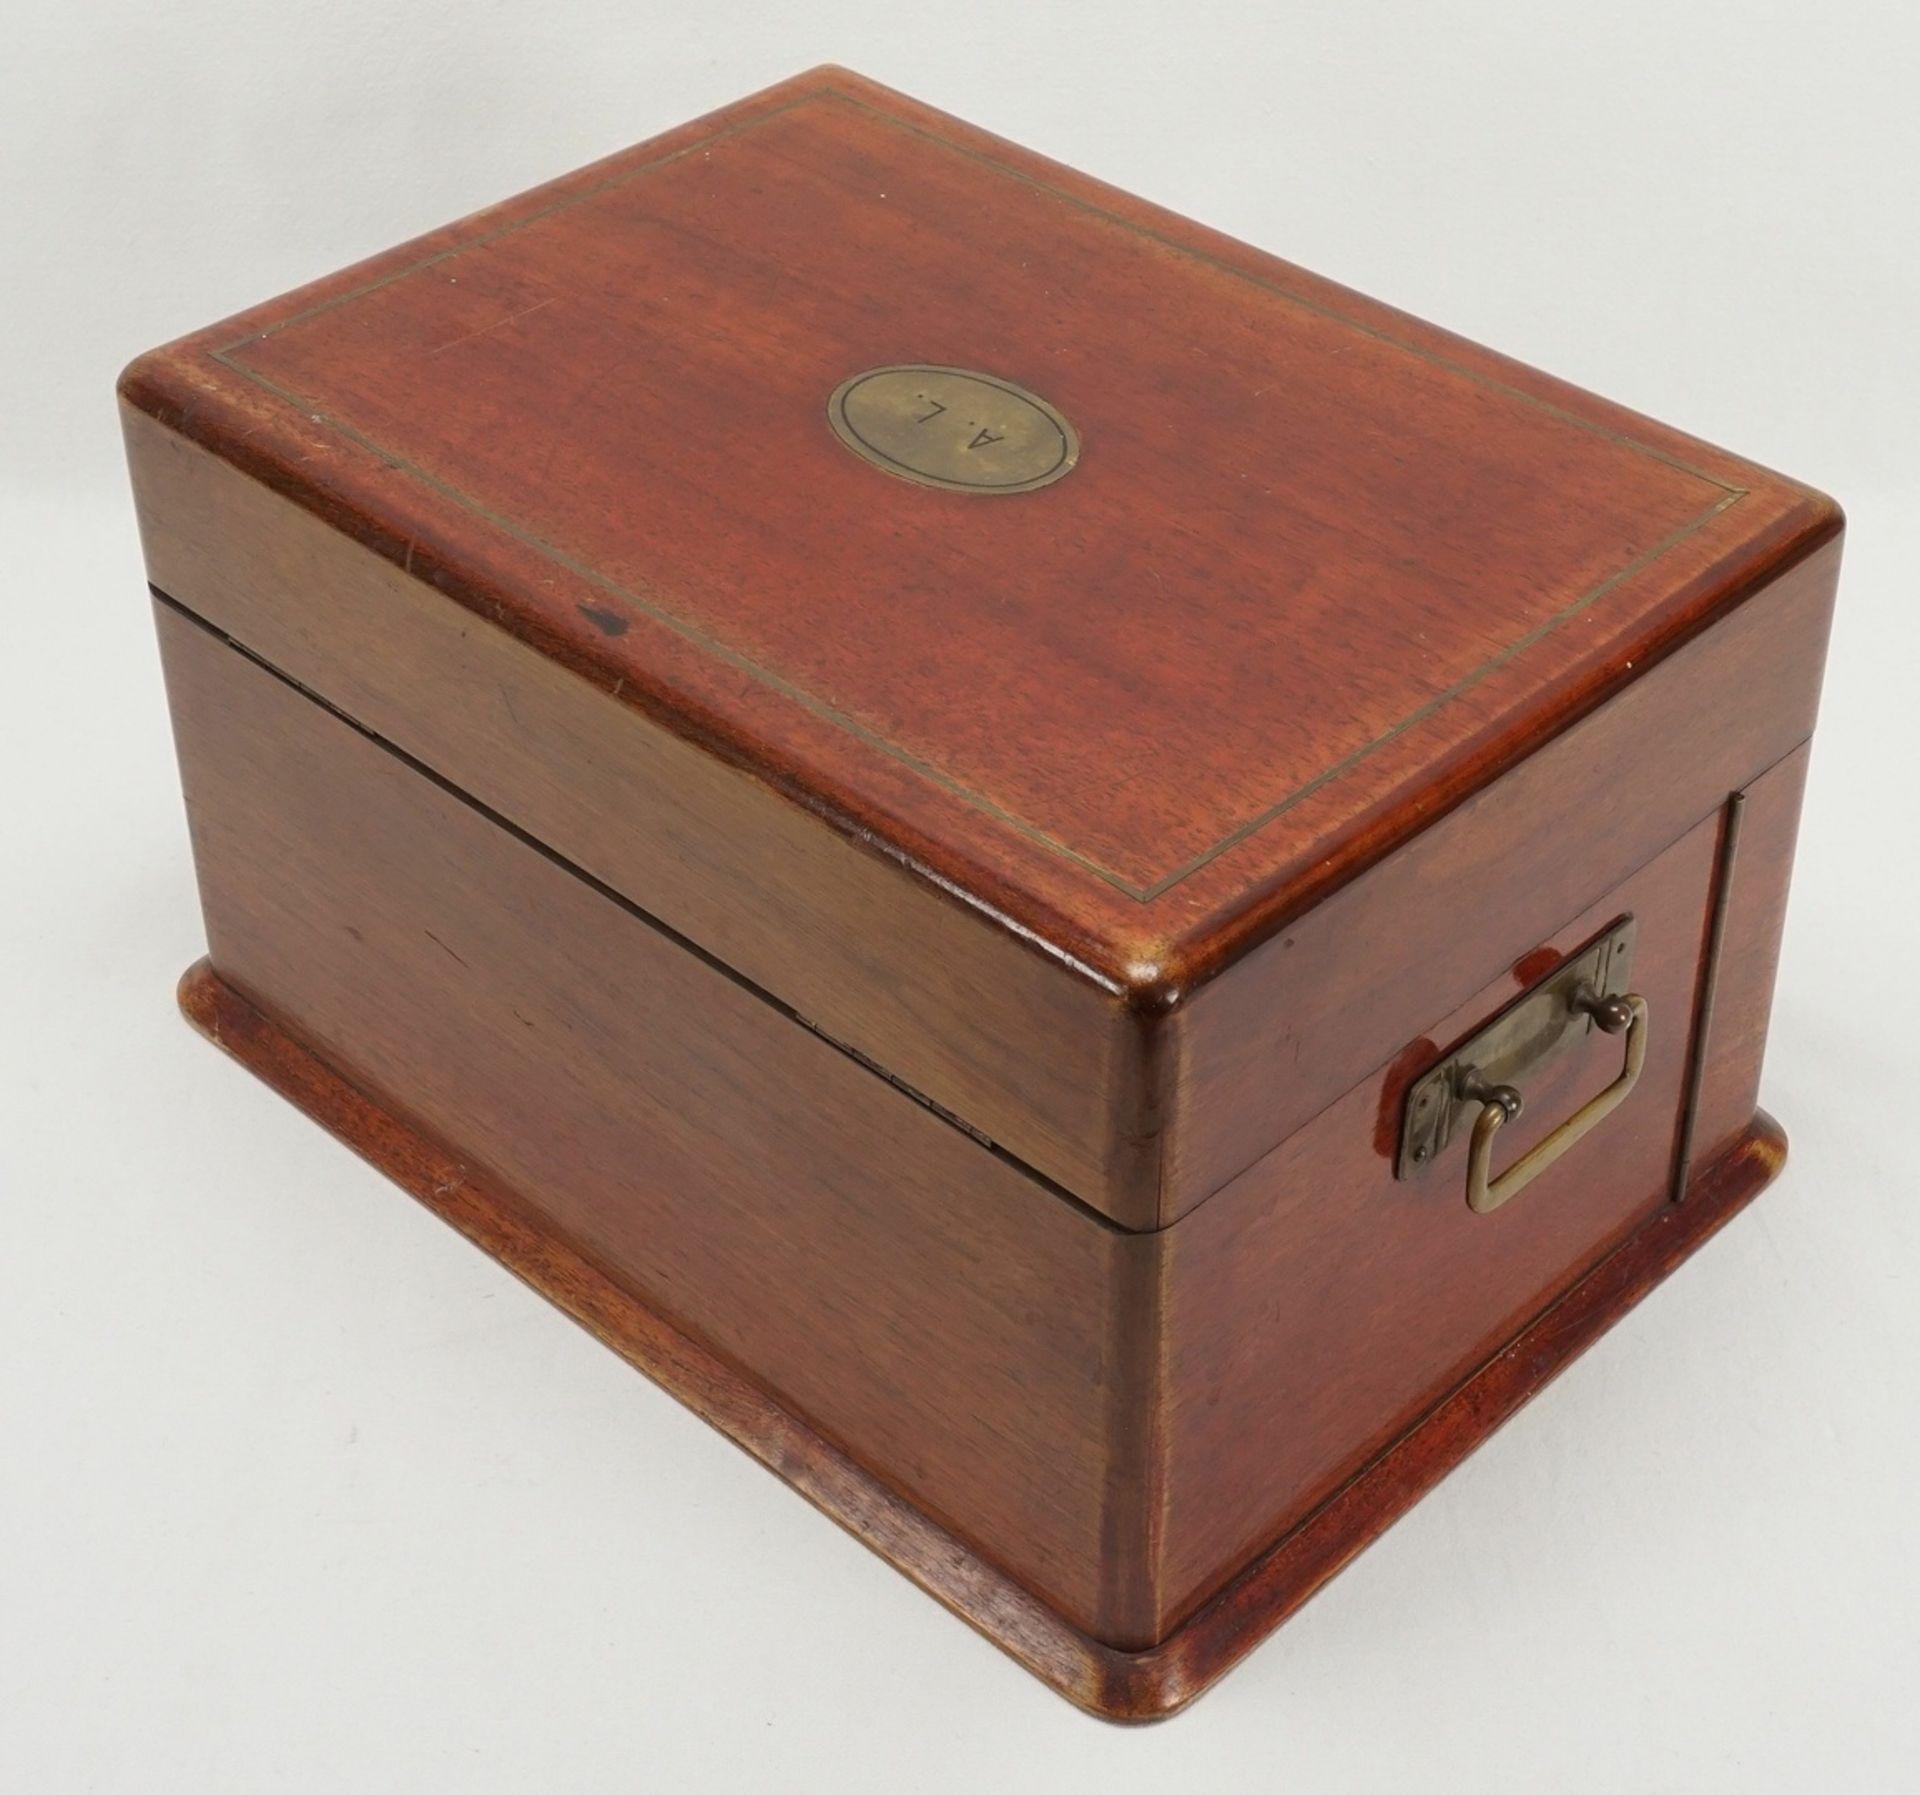 Reisespielbox aus England, Ende 19. Jh. - Bild 3 aus 3